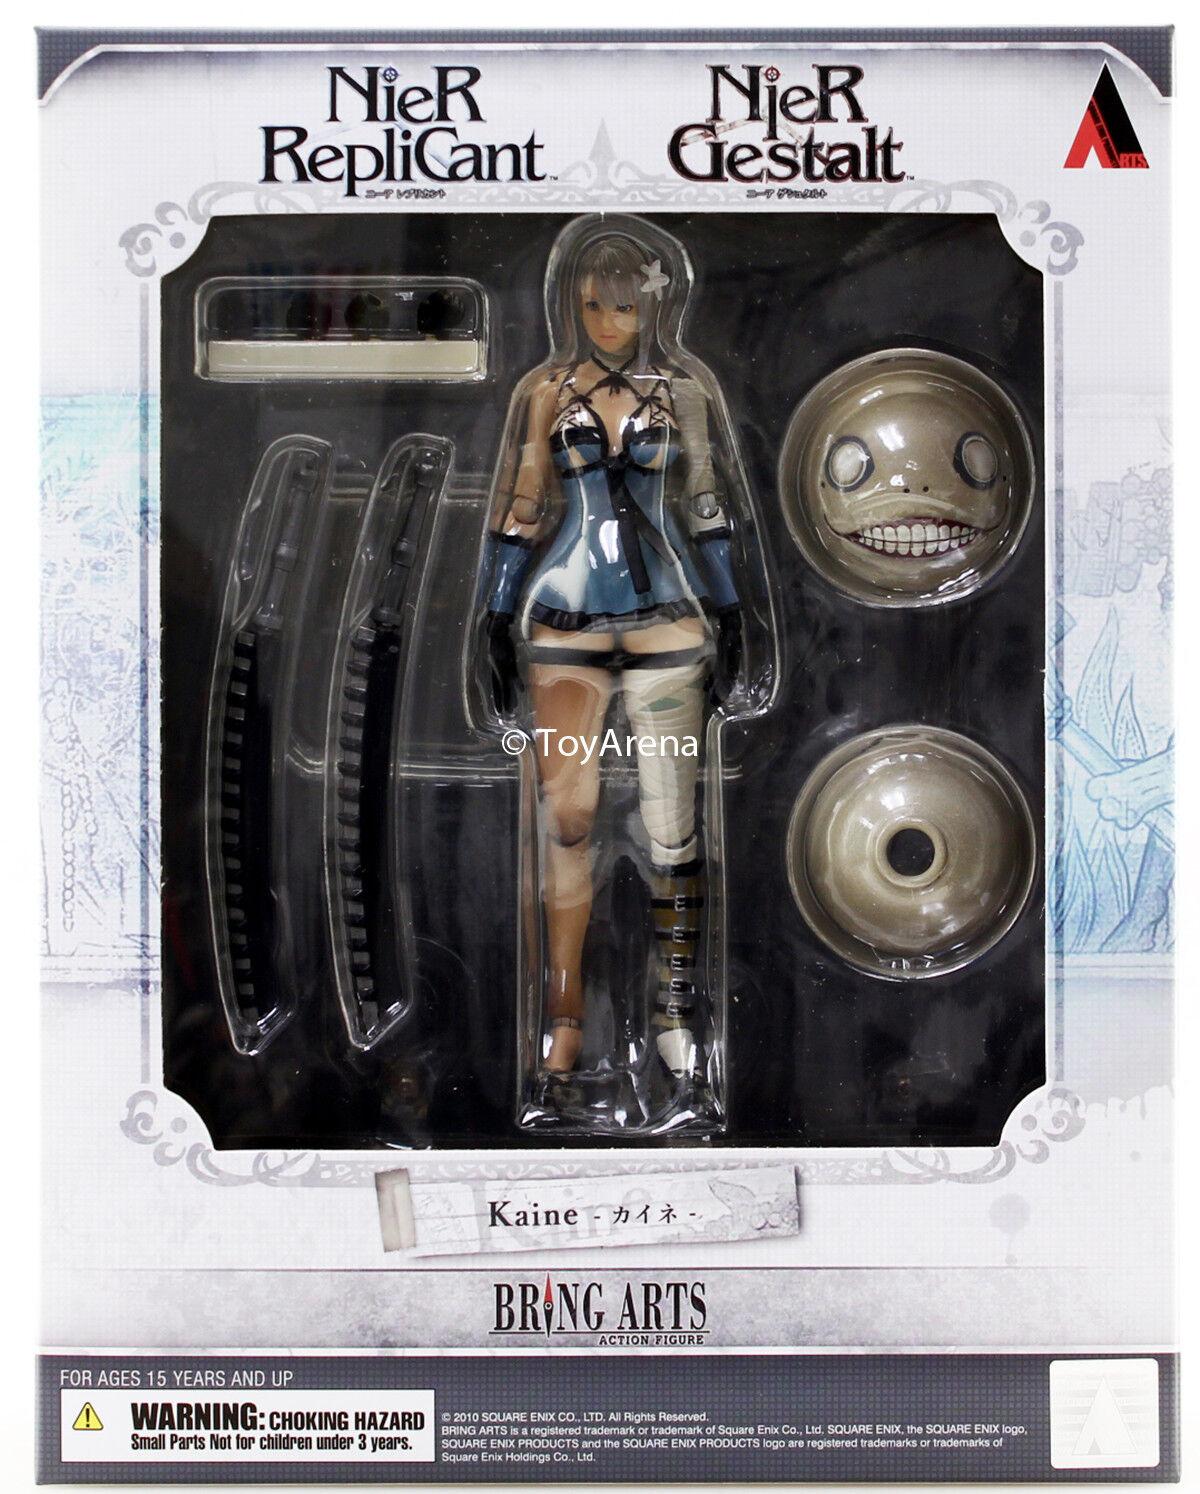 ahorra hasta un 70% Traer Artes Nier  replicante Gestalt Kaine Kaine Kaine Square Enix Figura vendedor EE. UU. en Stock  100% a estrenar con calidad original.